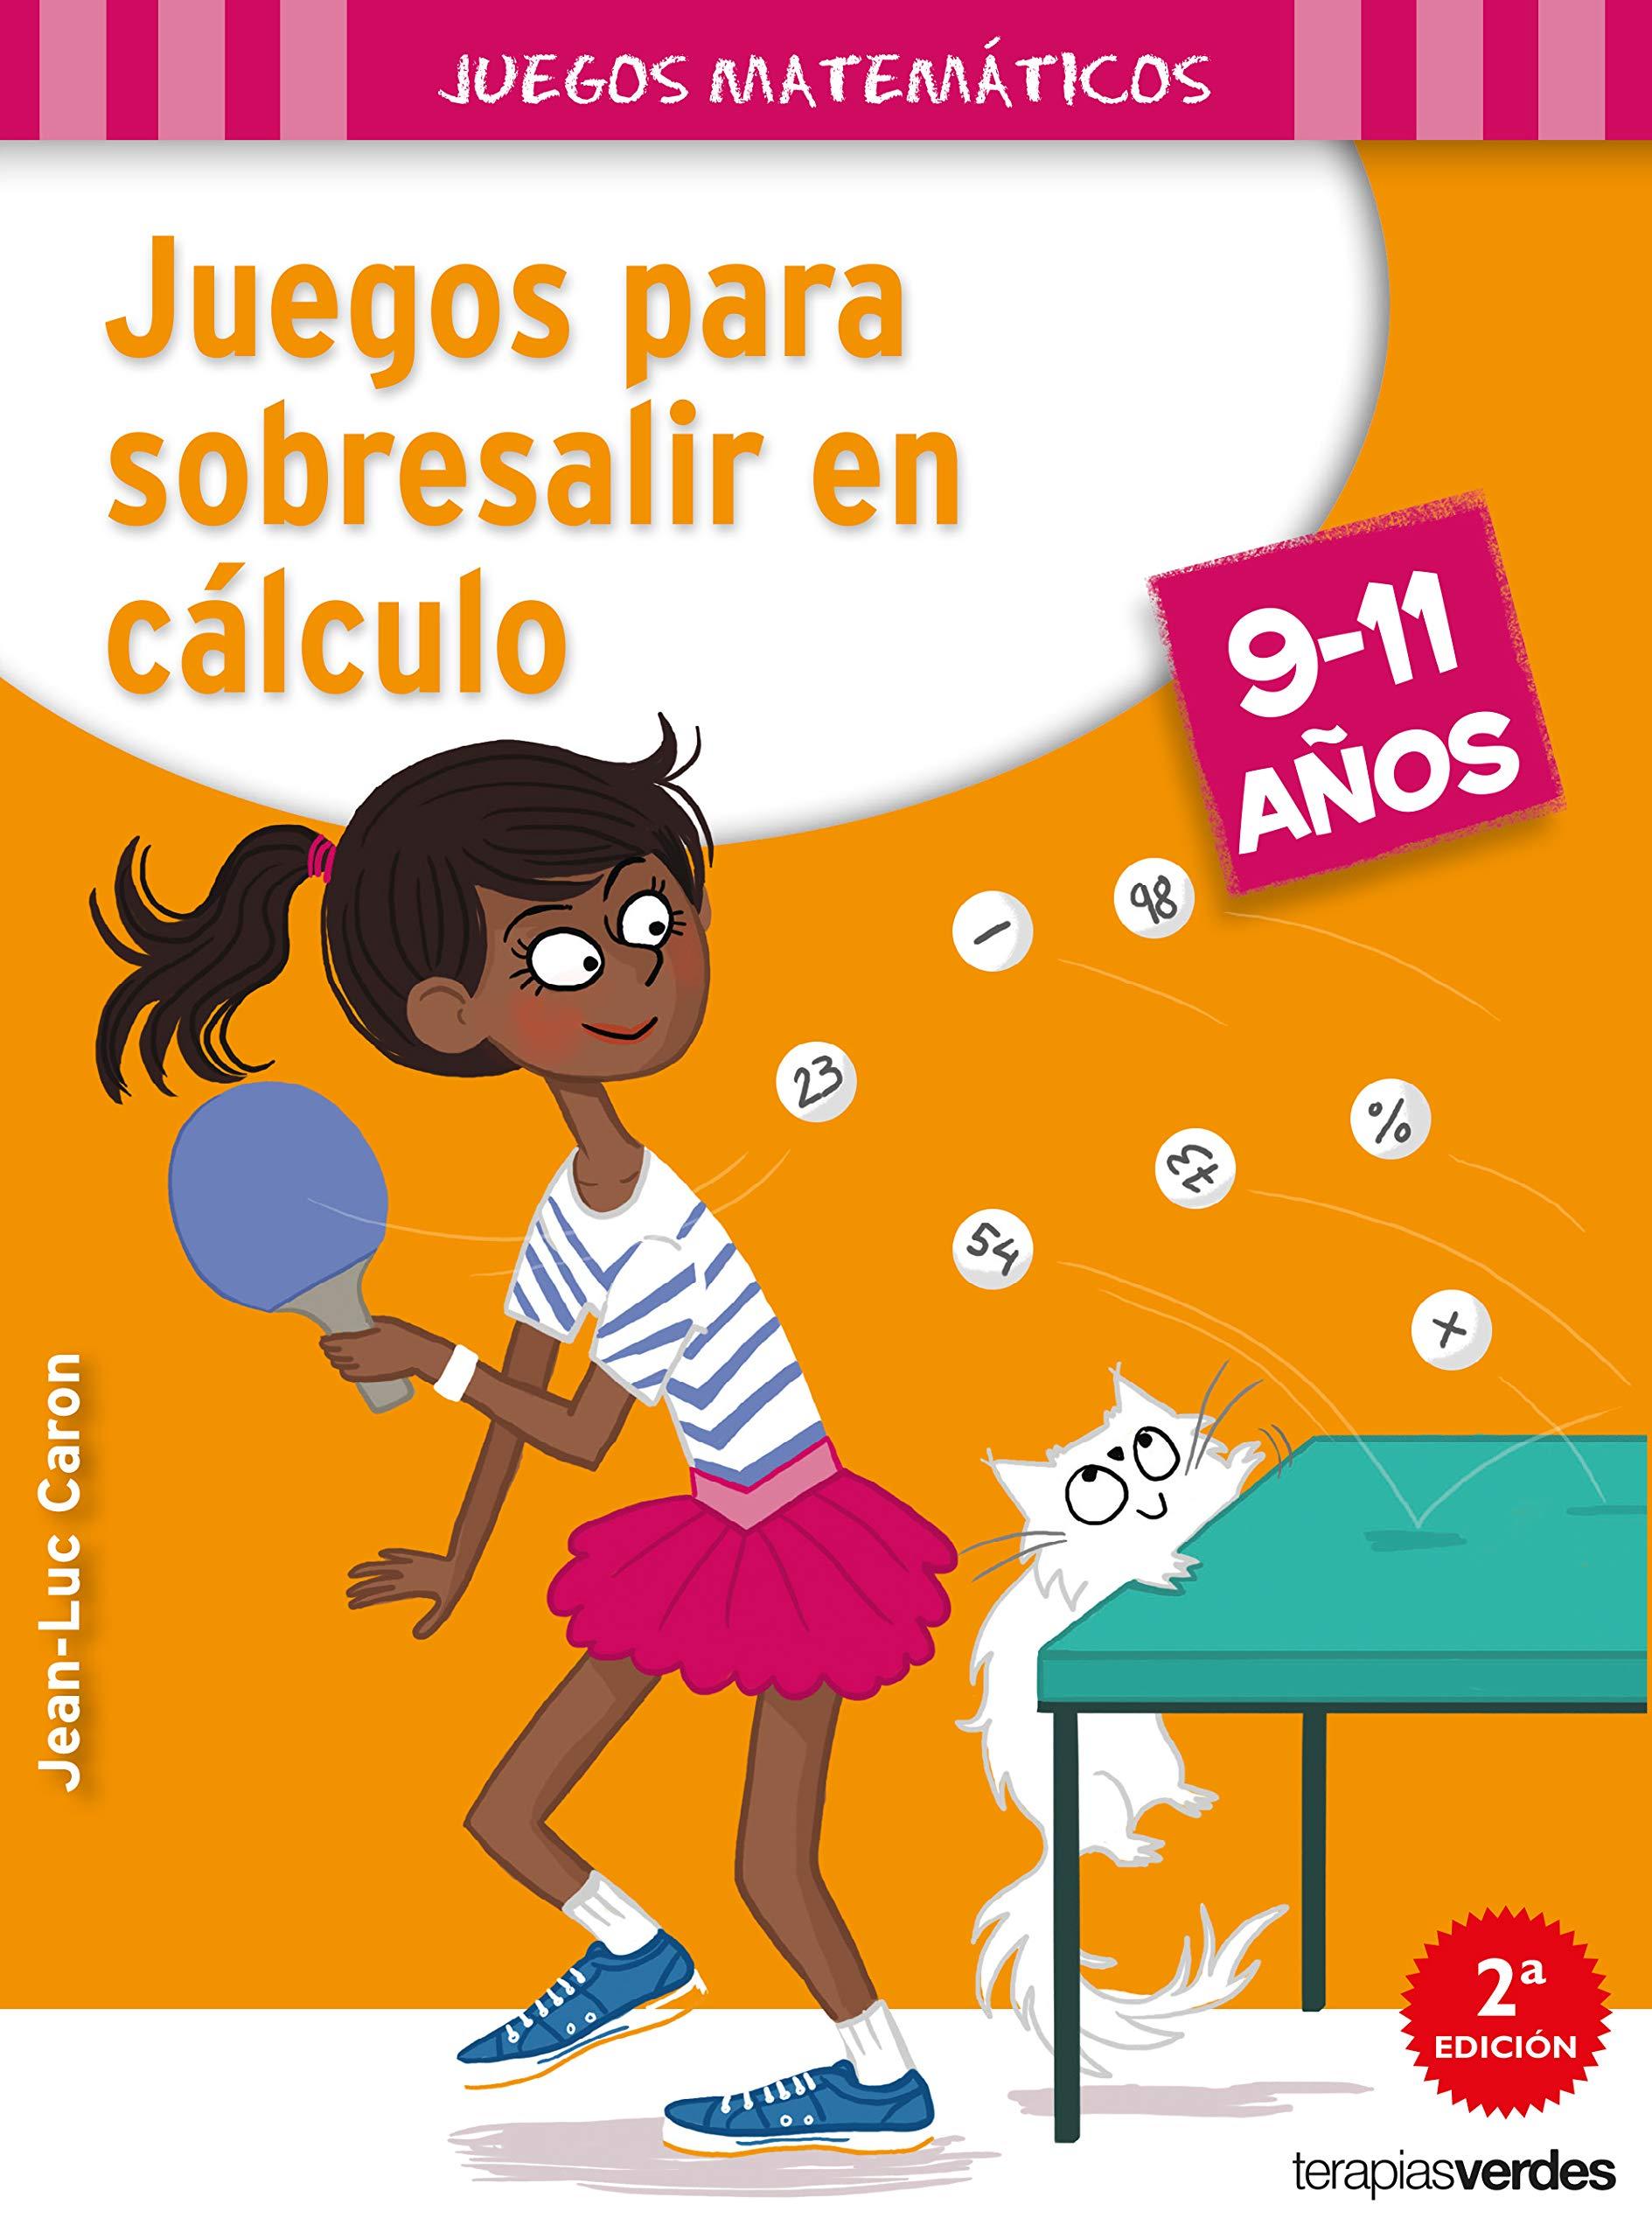 Juegos para sobresalir en cálculos Terapias Juegos Didácticos: Amazon.es:  R. ROUGIER, J. L. CARON, Susana Peralta Lugones: Libros